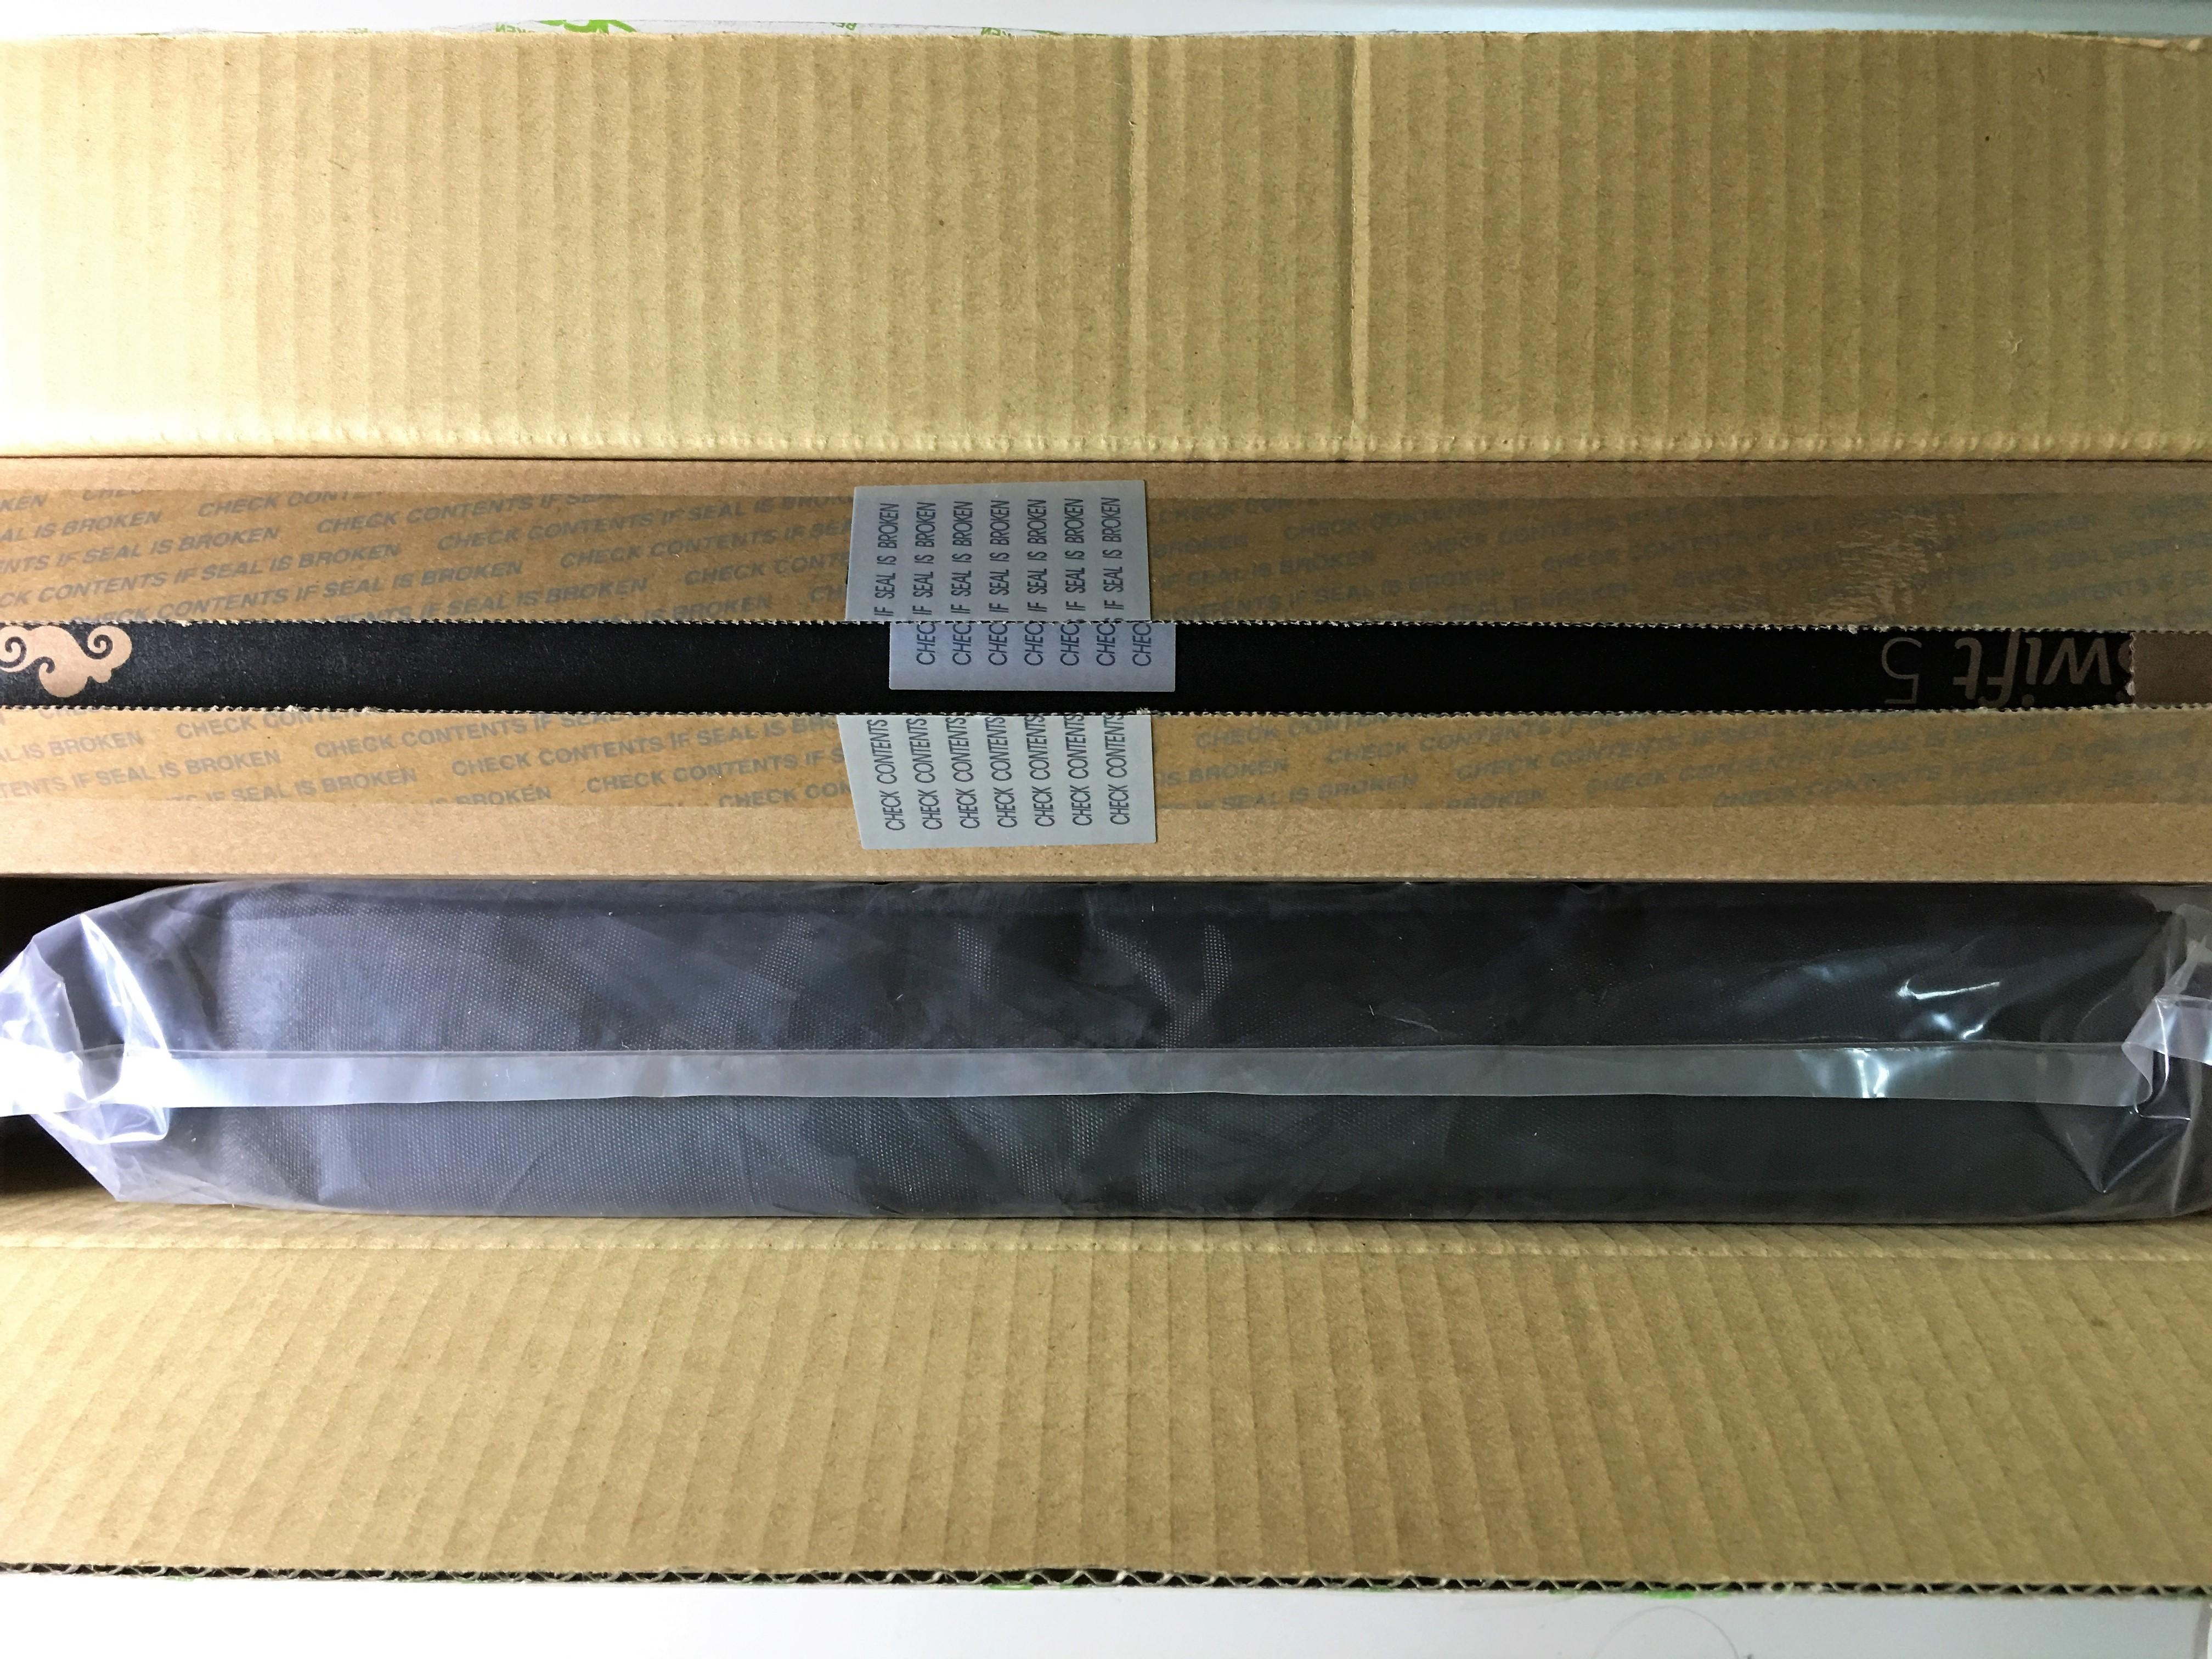 利用美工刀將印有Acer字樣的交代割開後,可以看到箱子內部狀況,裝有黑箱、收納袋一個。